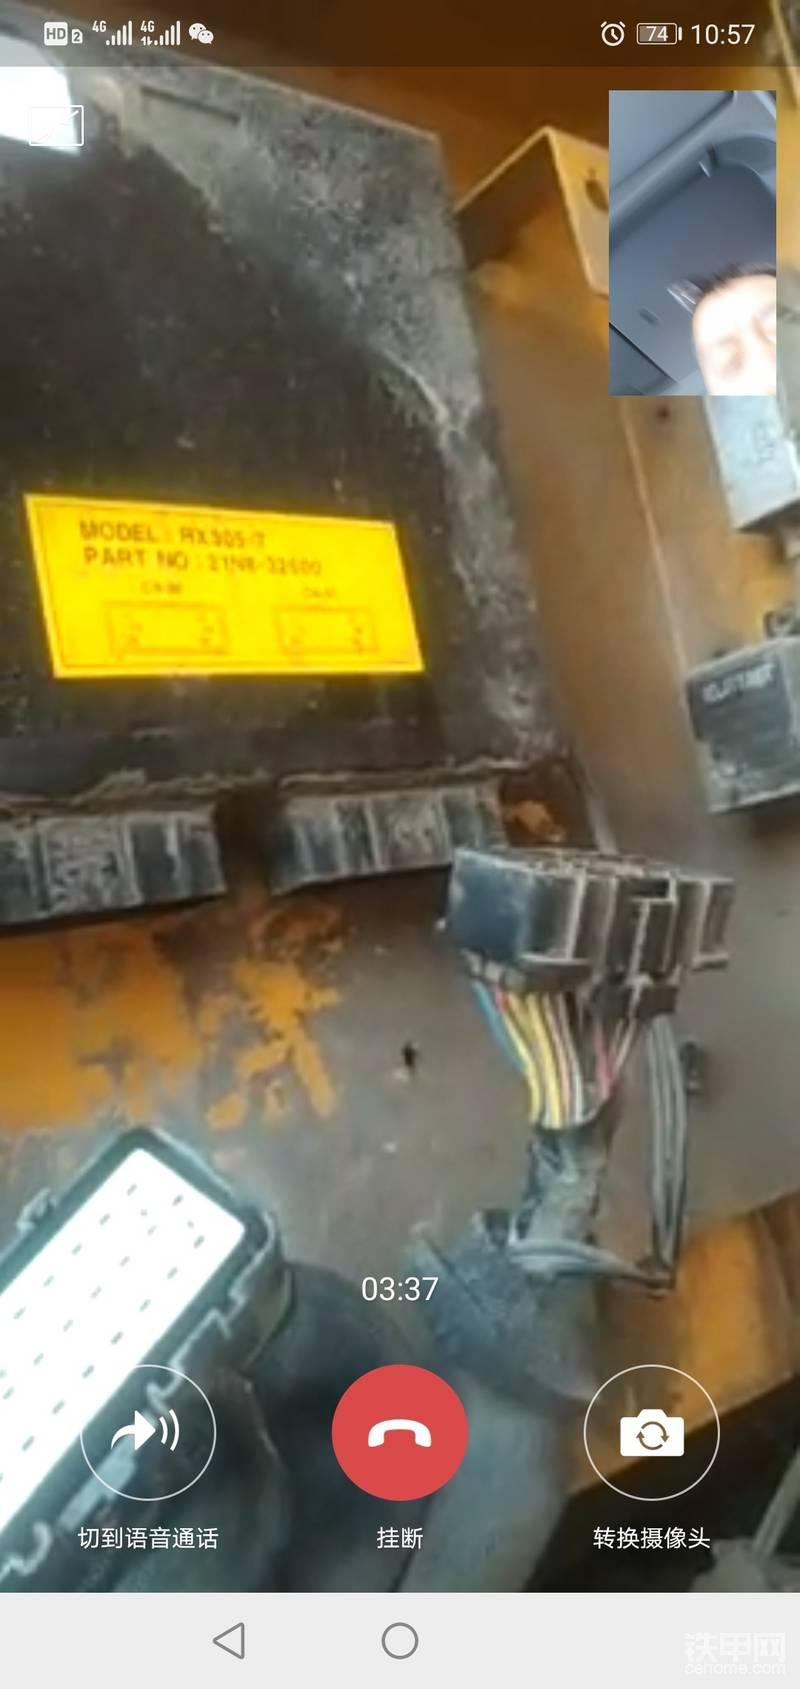 液压泵电脑板位置